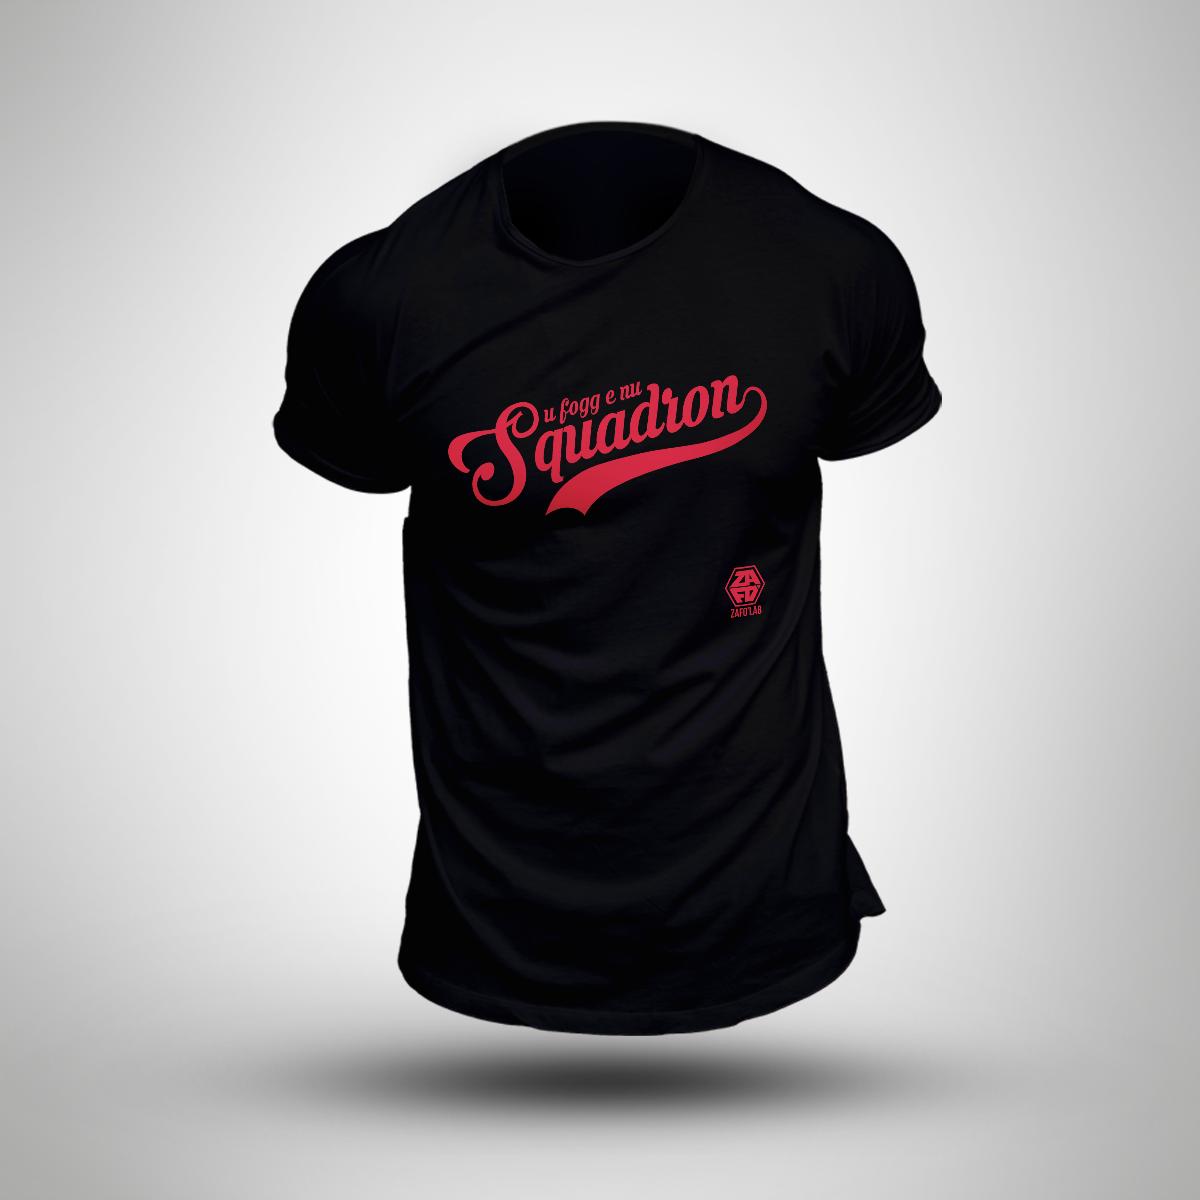 squadron_Tshirt